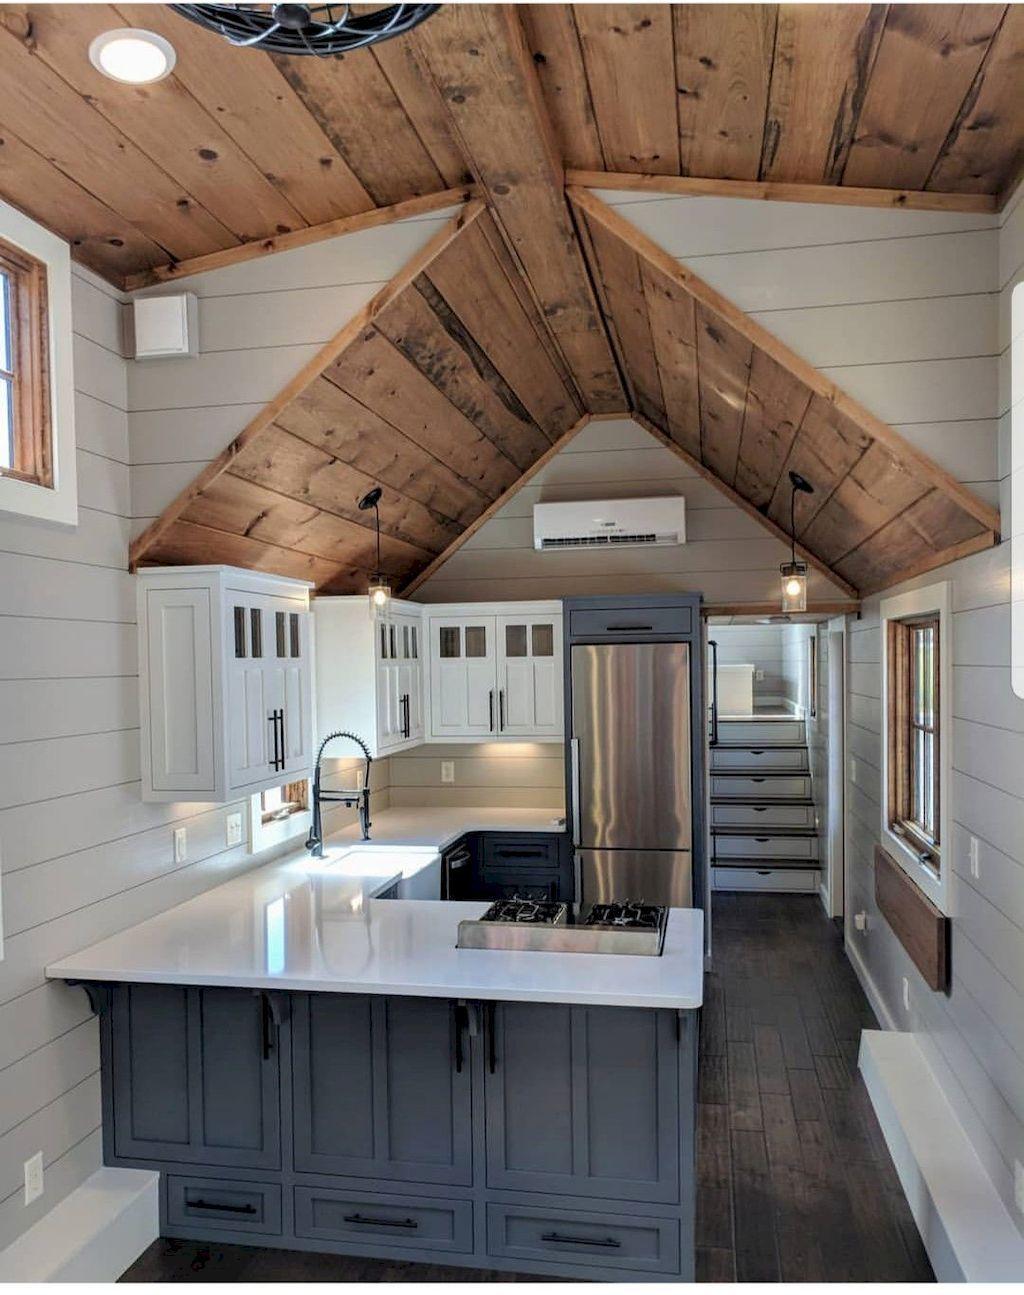 60 Tiny House Kitchen Storage Organization and Tips Ideas - Decoradeas #tinyhousestorage